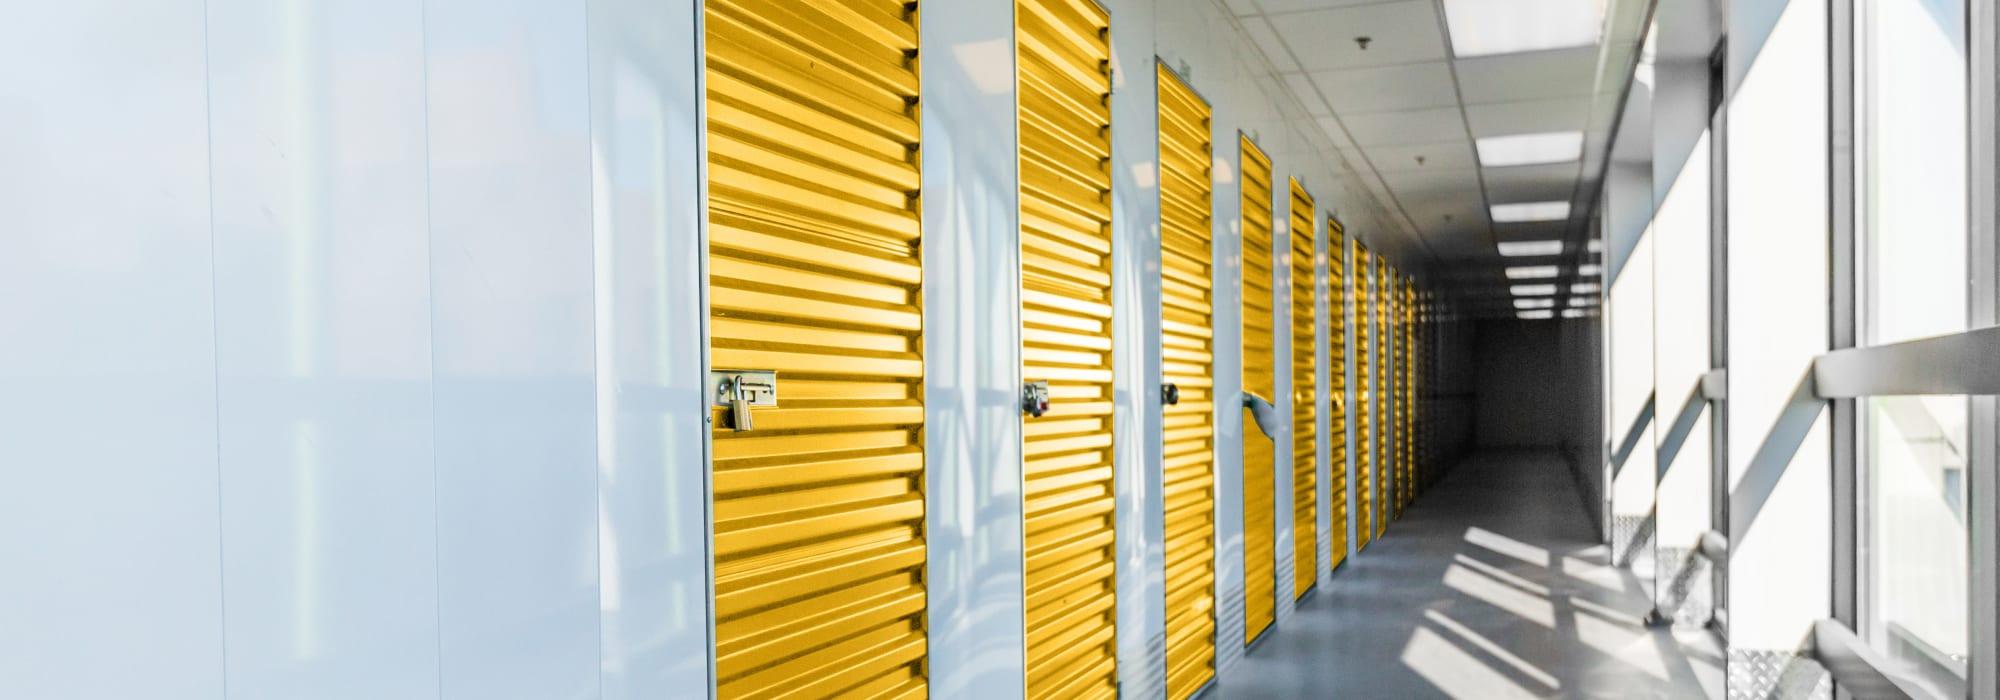 Storage 365 self storage in Colorado Springs, Colorado